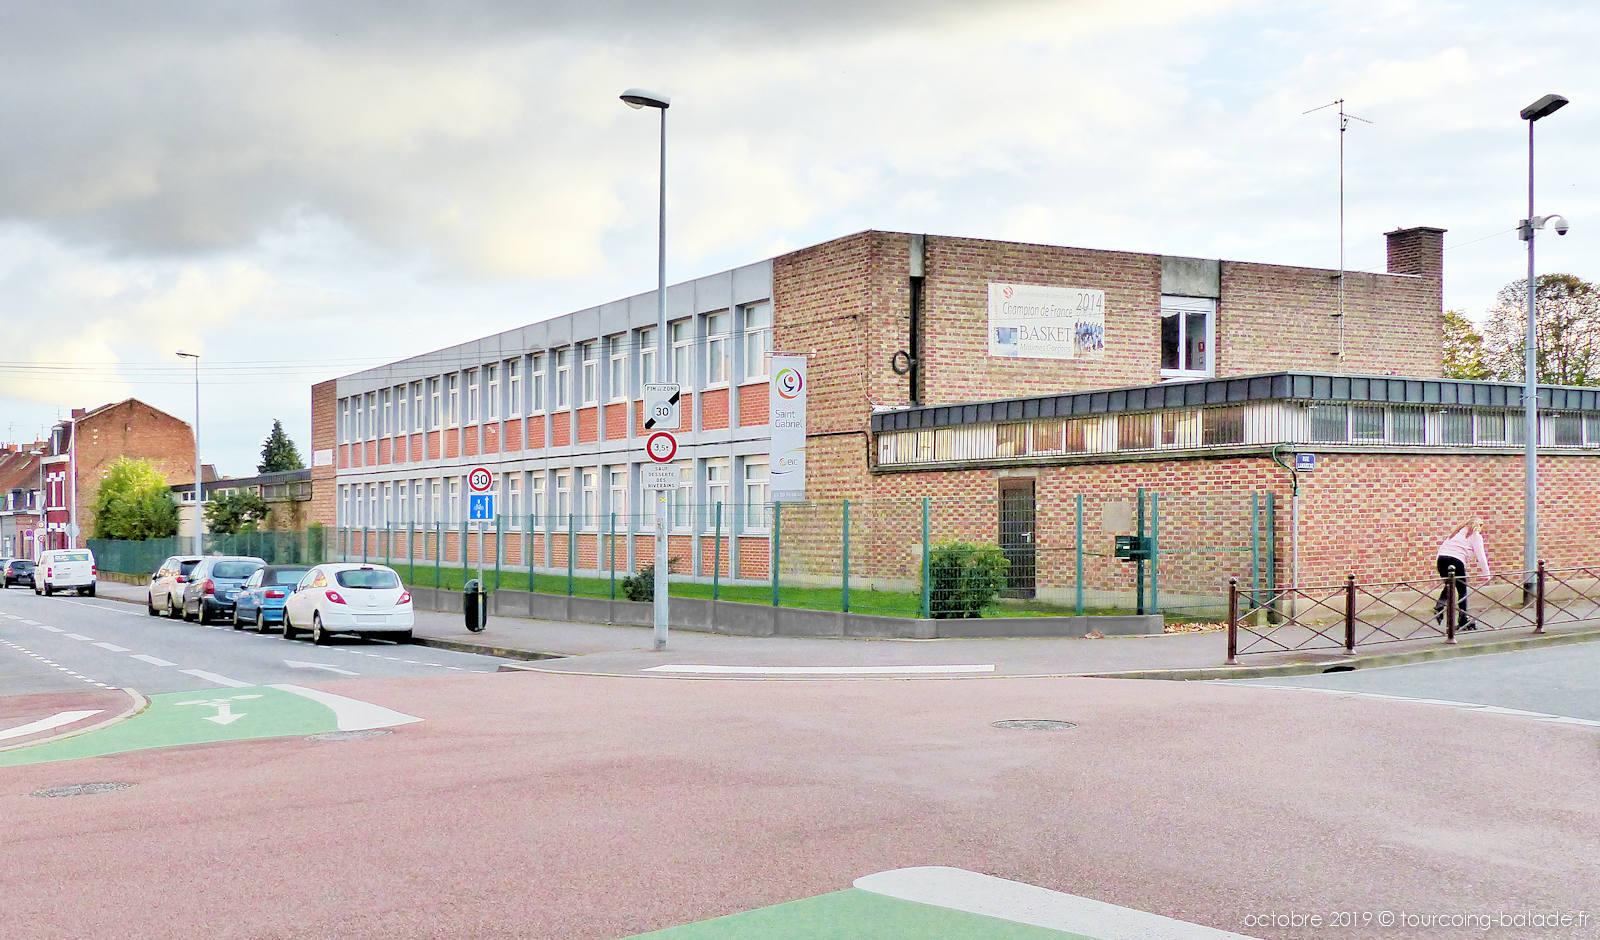 Collège Saint-Gabriel, Tourcoing - Privé catholique